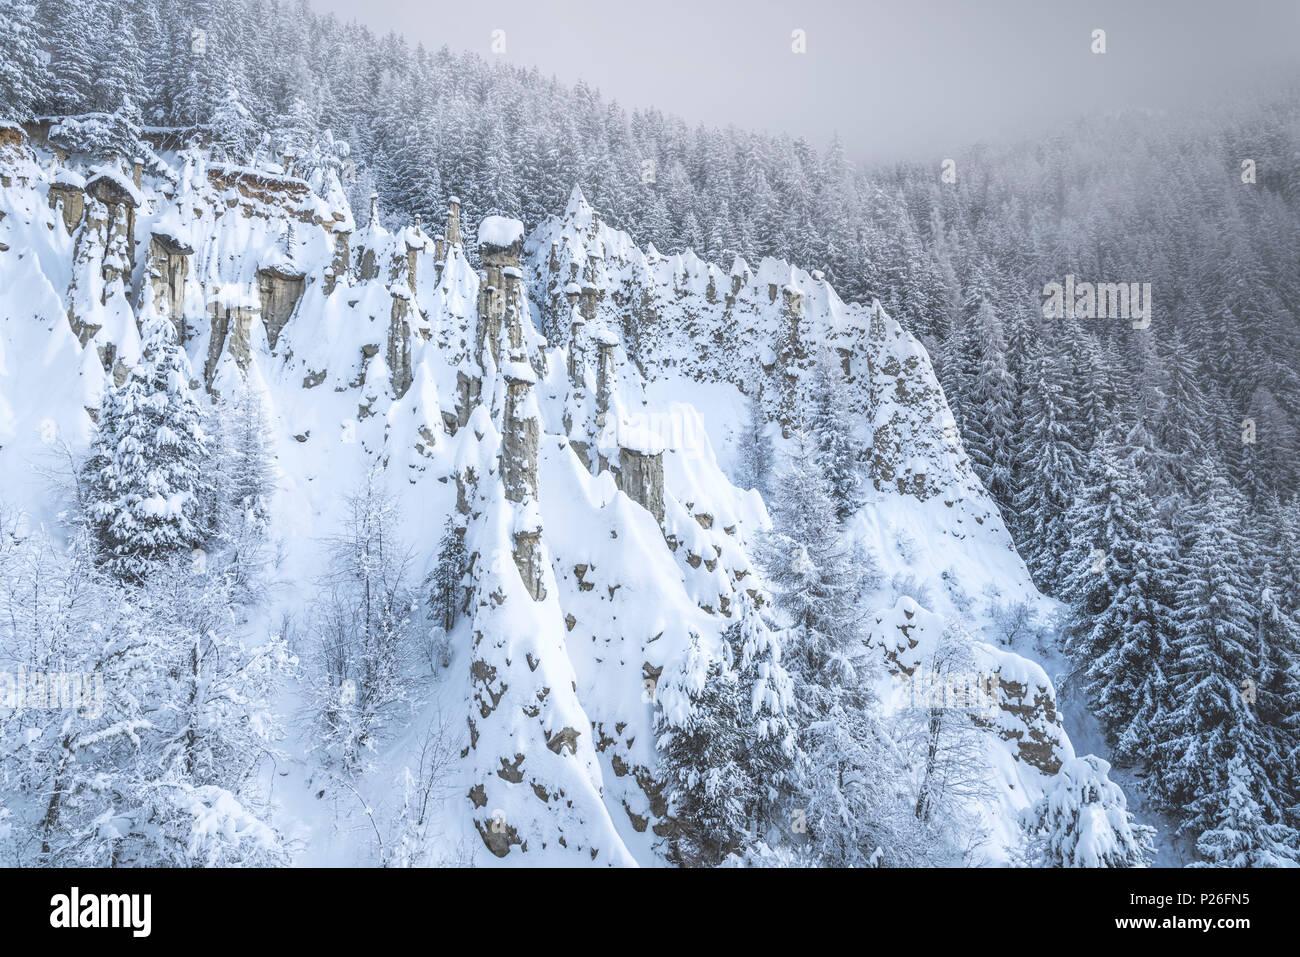 Perca/Percha, province de Bolzano, le Tyrol du Sud, Italie, Europe. L'hiver à la terre Pyramides Photo Stock